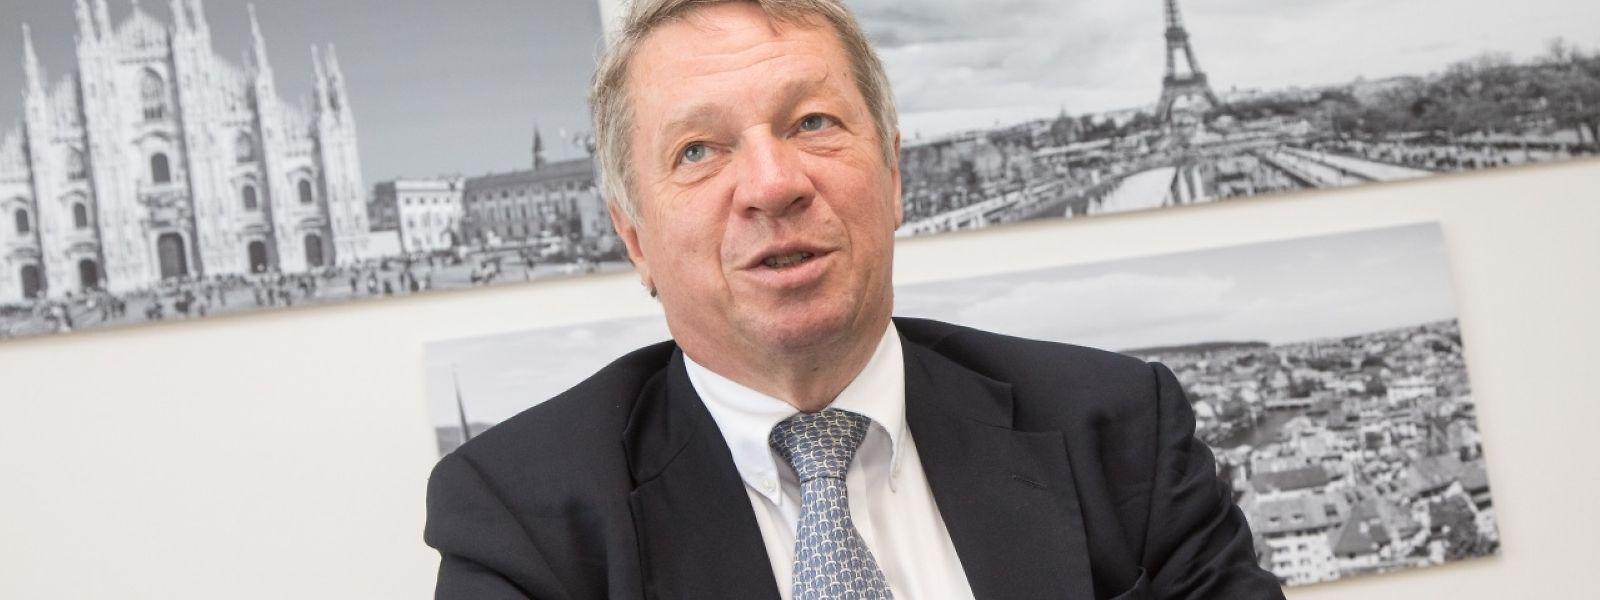 Der Luxemburger Unternehmer, Robert Dennewald, hatte die Gründer von HLD ermutigt, sich in Luxemburg niederzulassen. Heute sitzt er im Verwaltungsrat des Investitionsfonds.